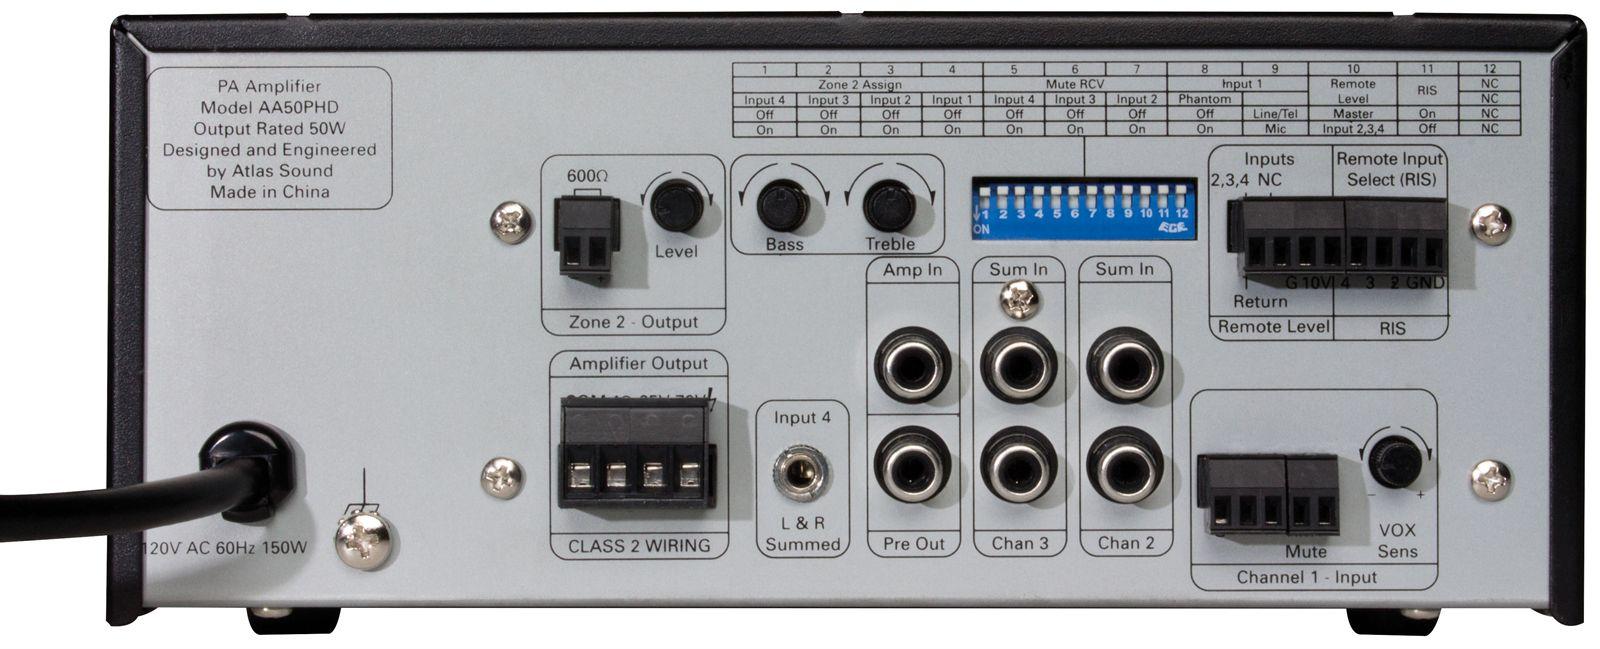 class 2 audio wiring schematics wiring diagrams u2022 rh seniorlivinguniversity co Class 2 Low Voltage Wiring Class 2 Low Voltage Wiring